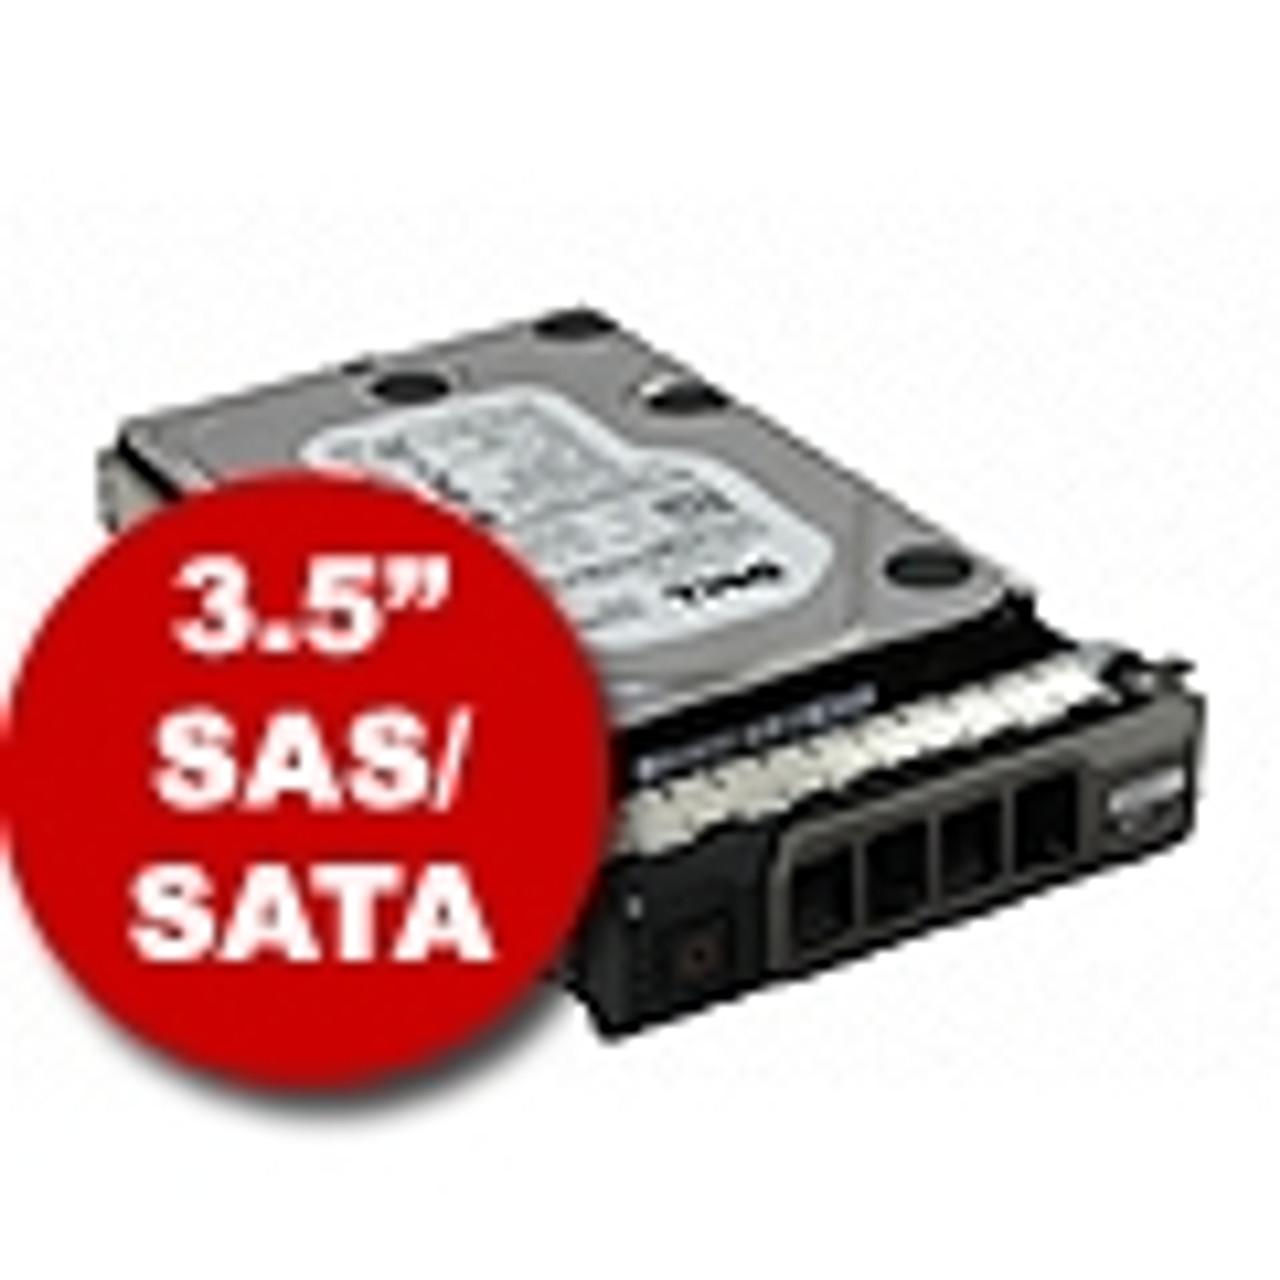 """3.5"""" SAS/SATA Hard Drives & Trays"""